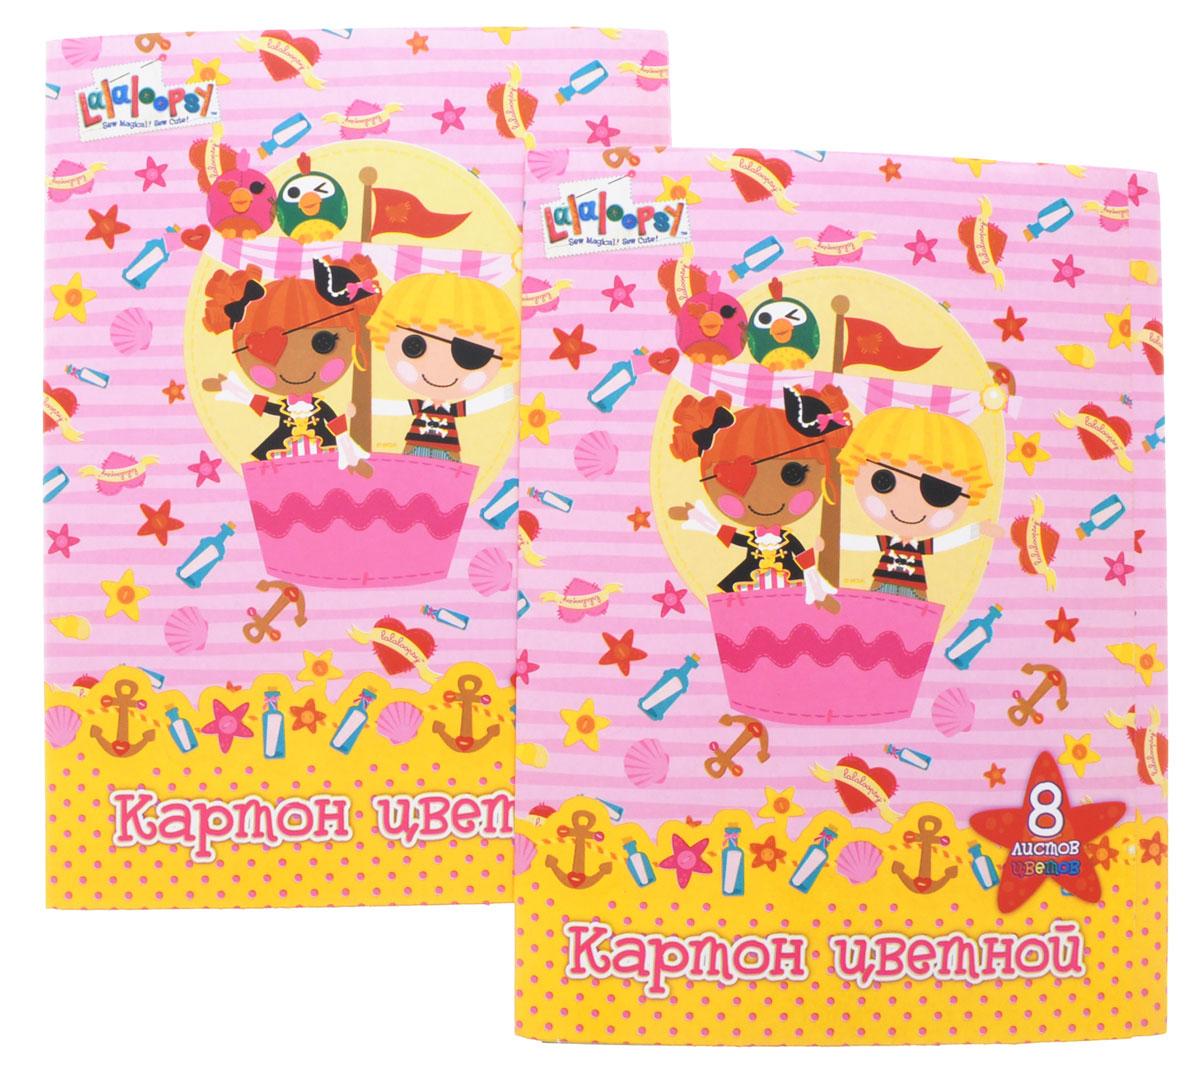 Action! Набор цветного картона Lalaloopsy 8 листов цвет розовый 2 шт LL-CC-8/8